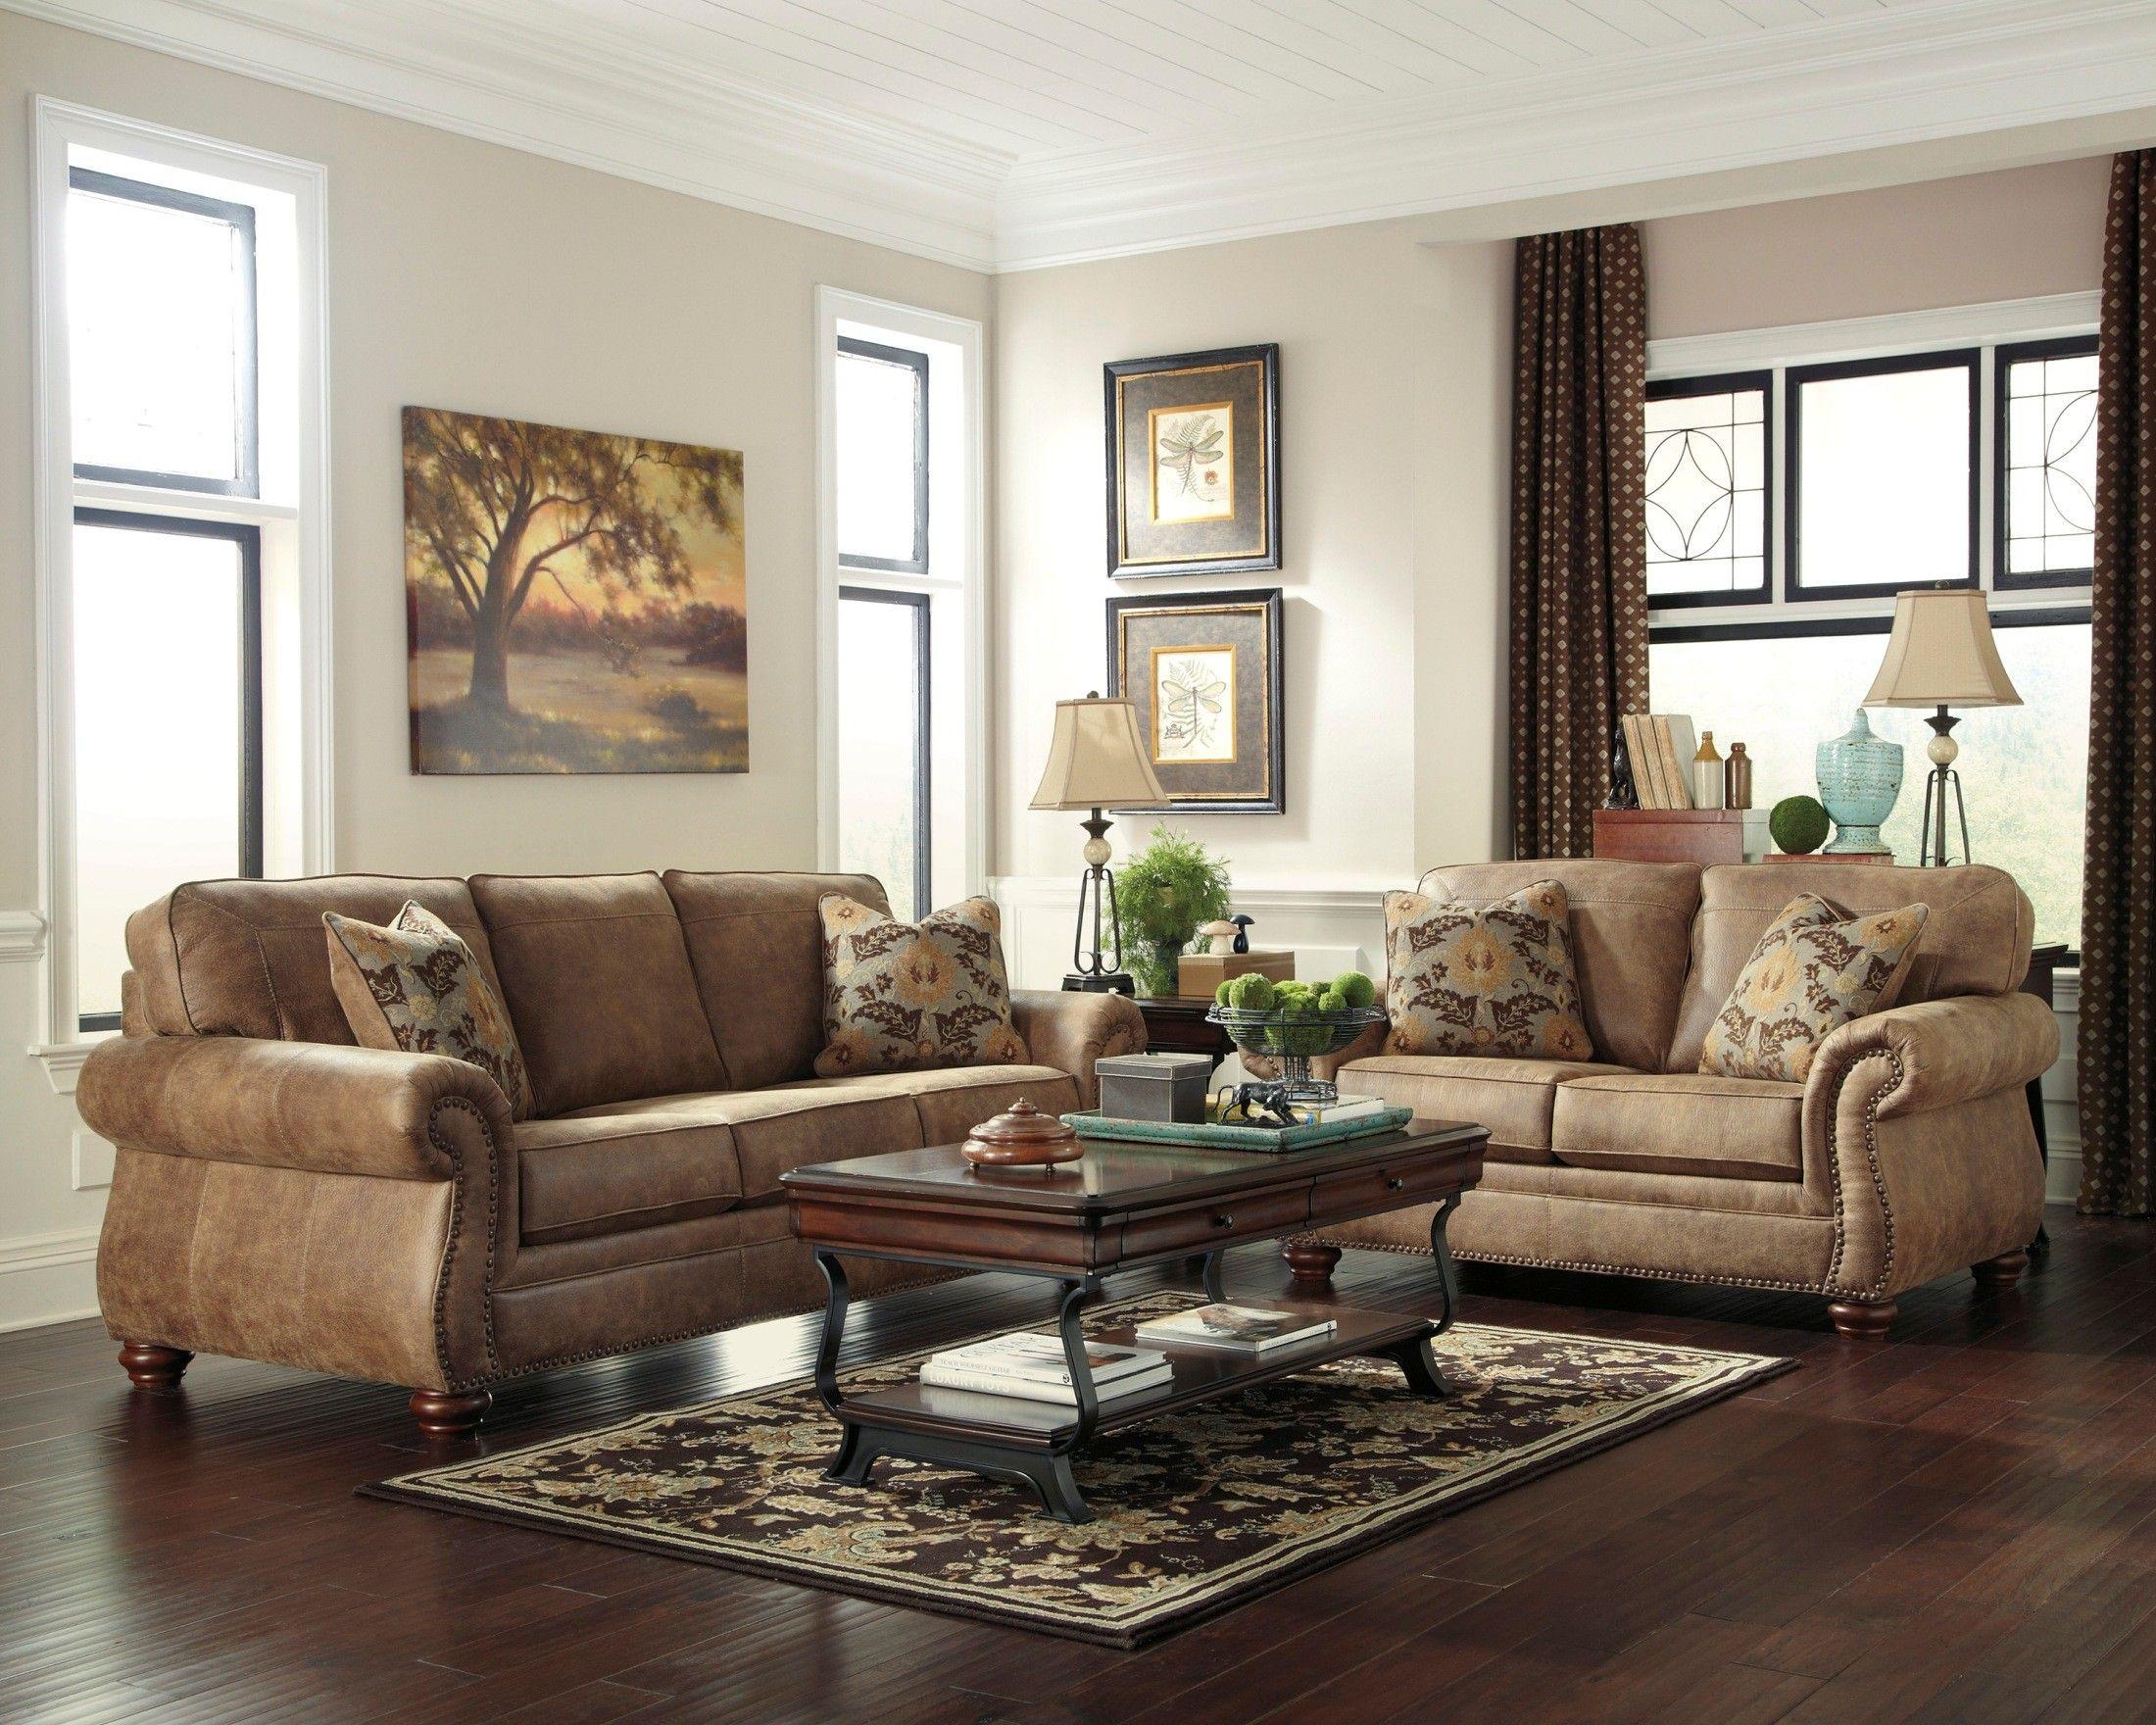 Best 15 Genius Ways How To Craft Camo Living Room Set Living 640 x 480